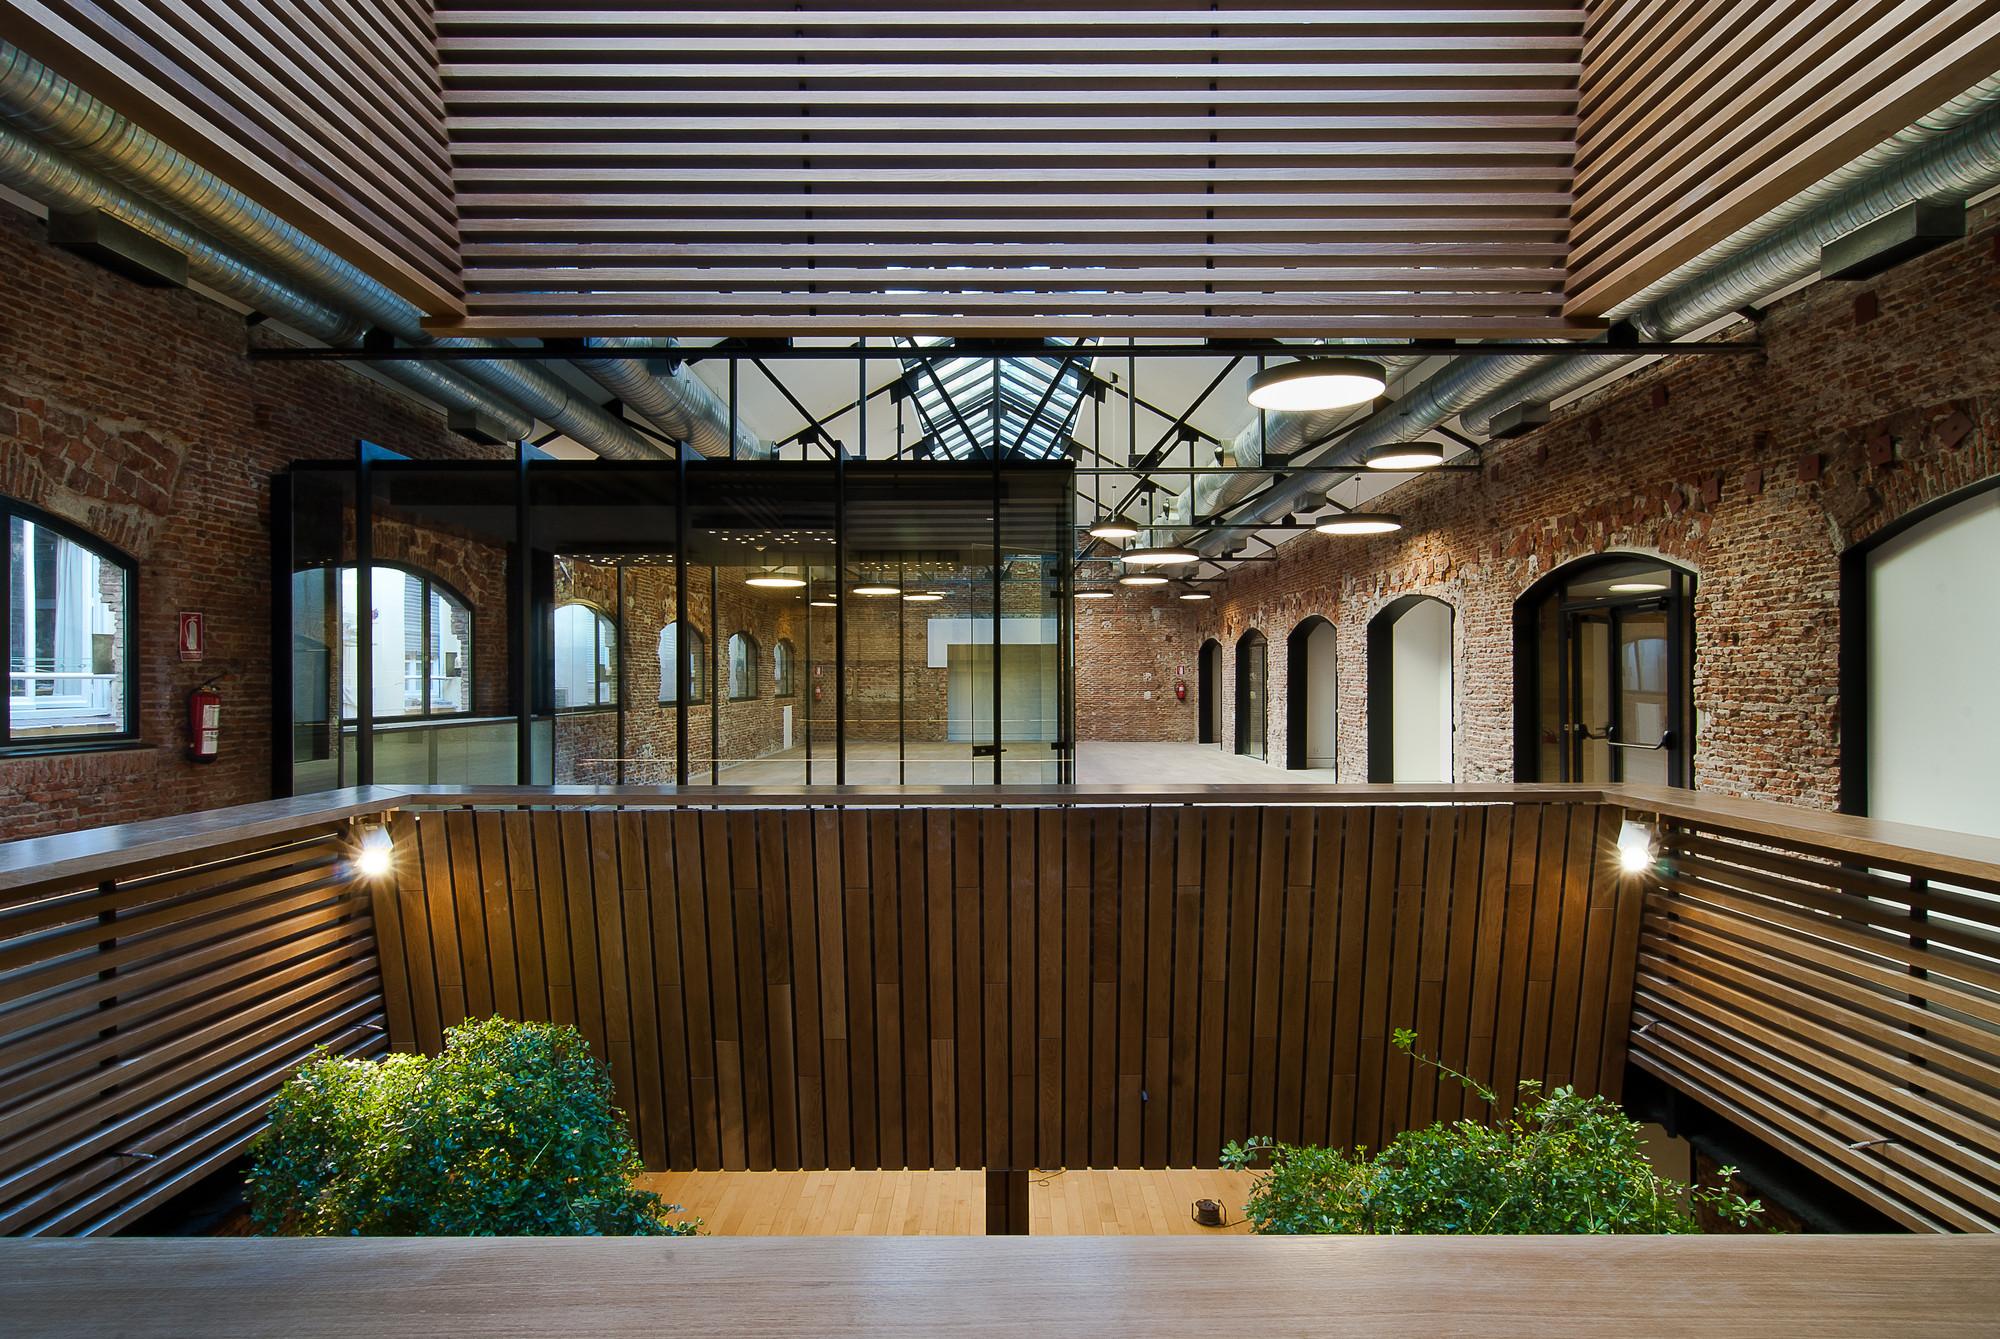 Arquitectura de oficinas tag archdaily m xico for Arquitectura de oficinas